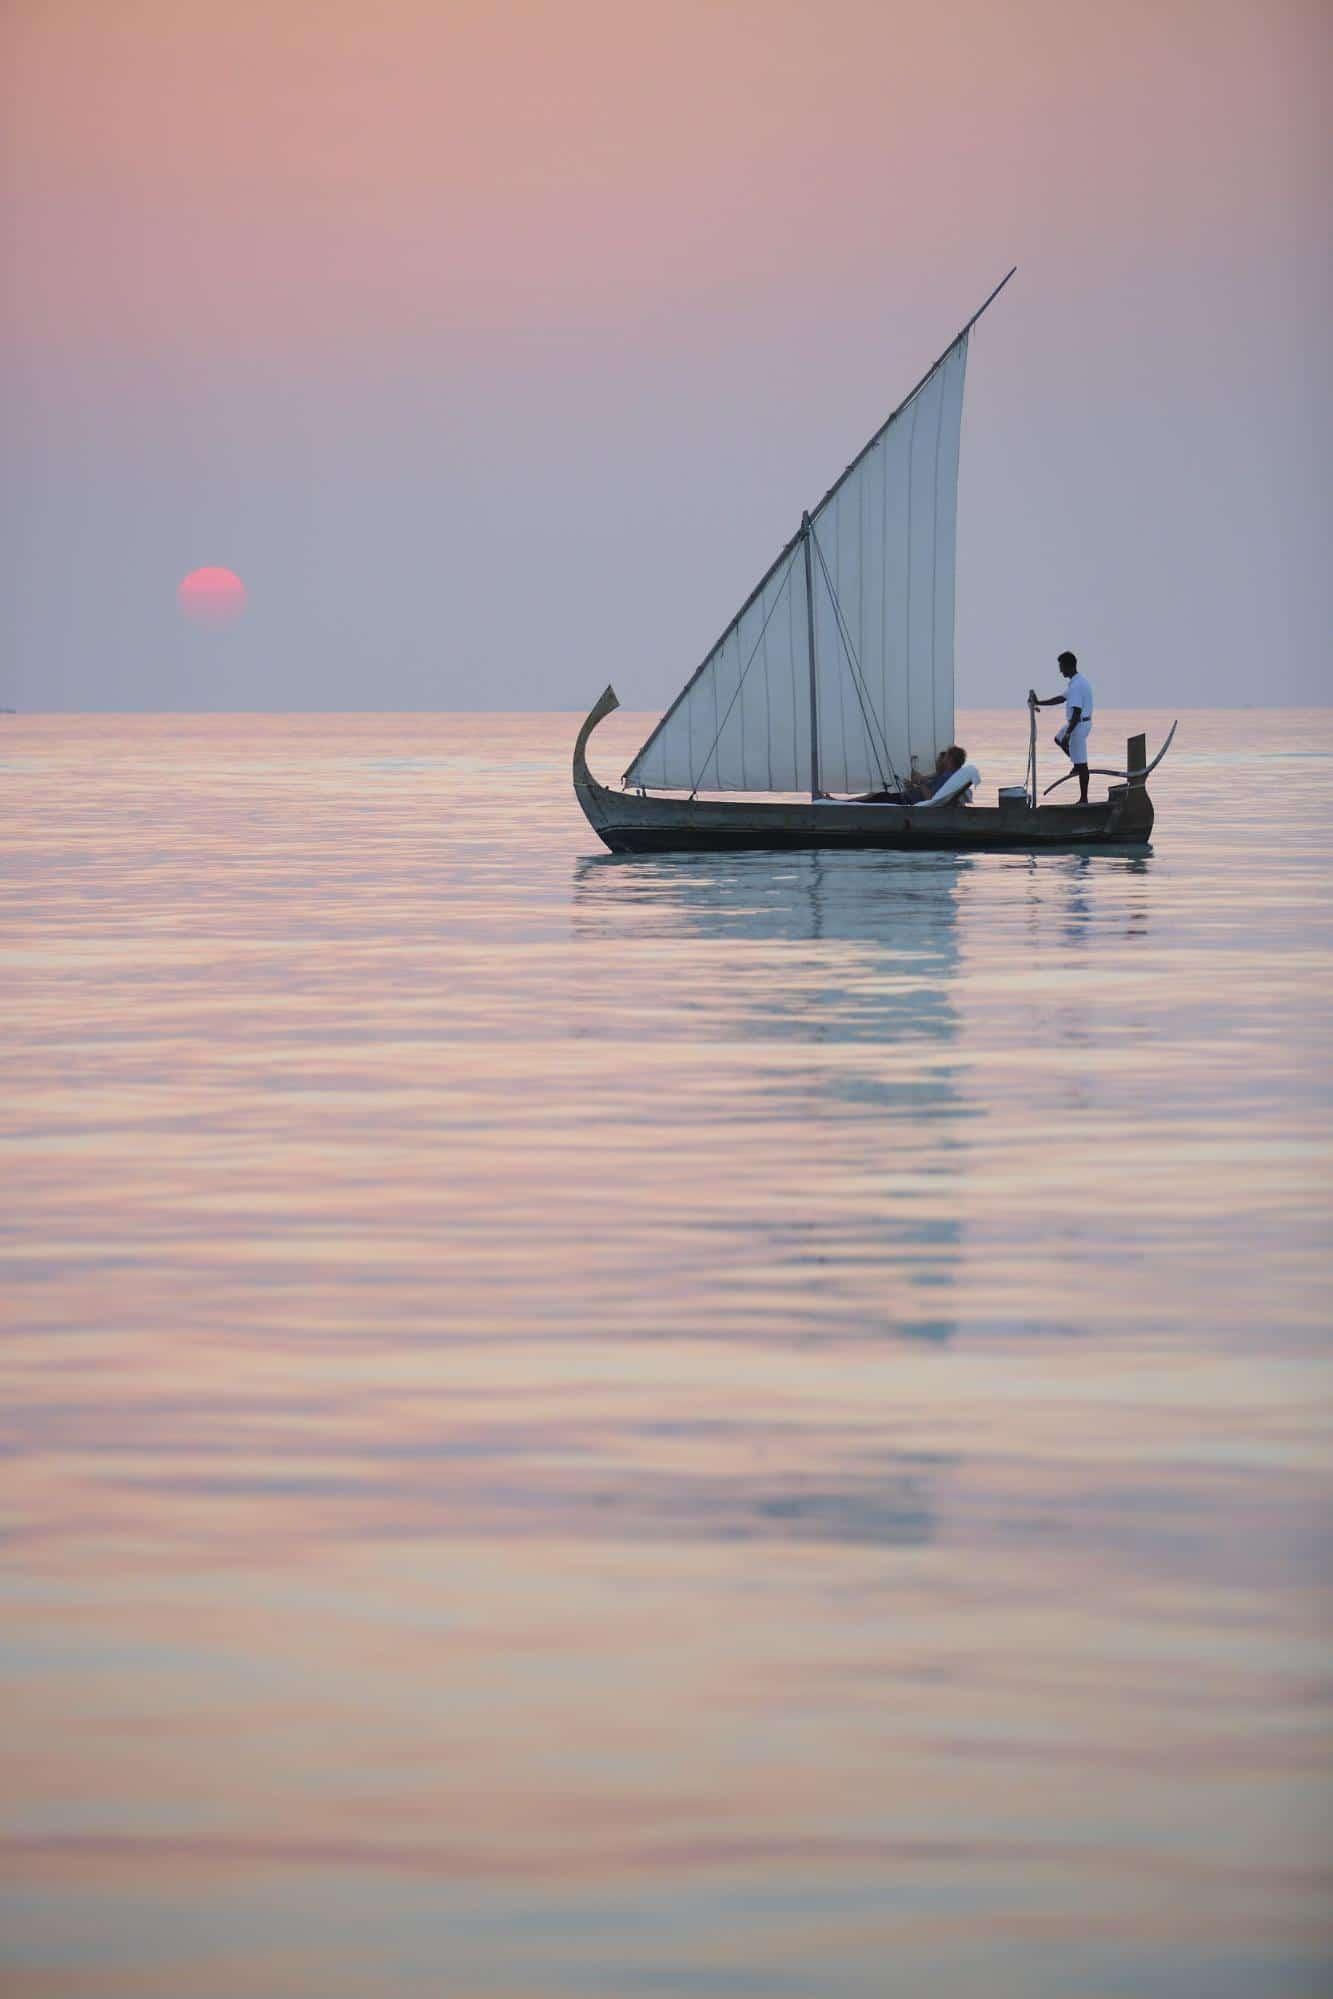 Sunset sailing - Courtesy of Gili Lankanfushi